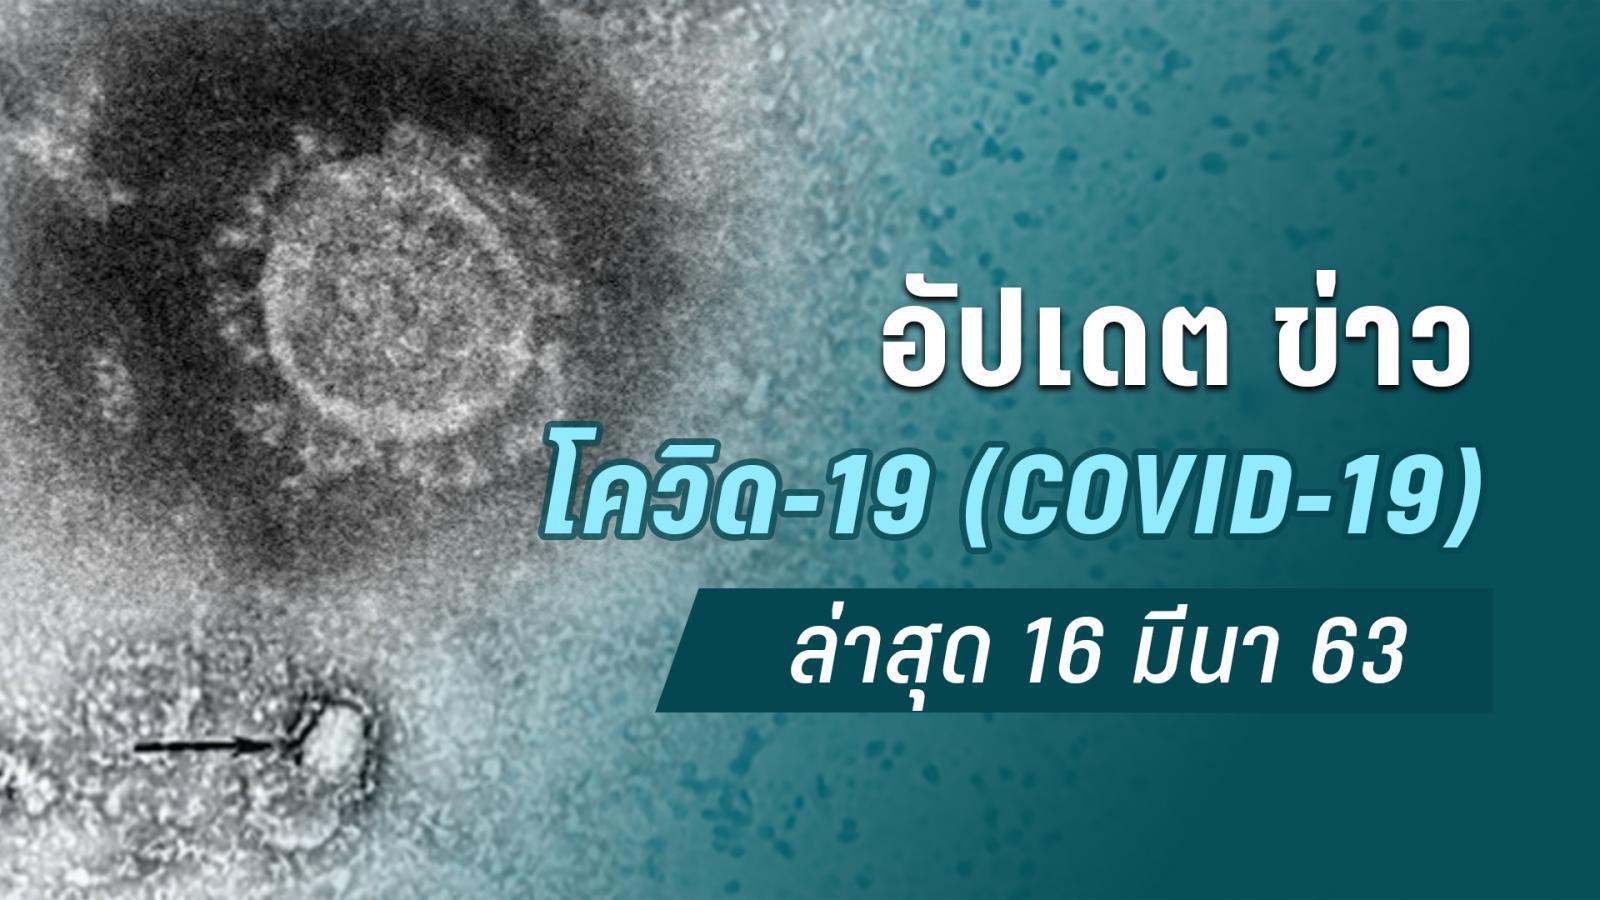 อัปเดต ข่าวโควิด-19 (COVID-19) ล่าสุด 16 มี.ค. 63